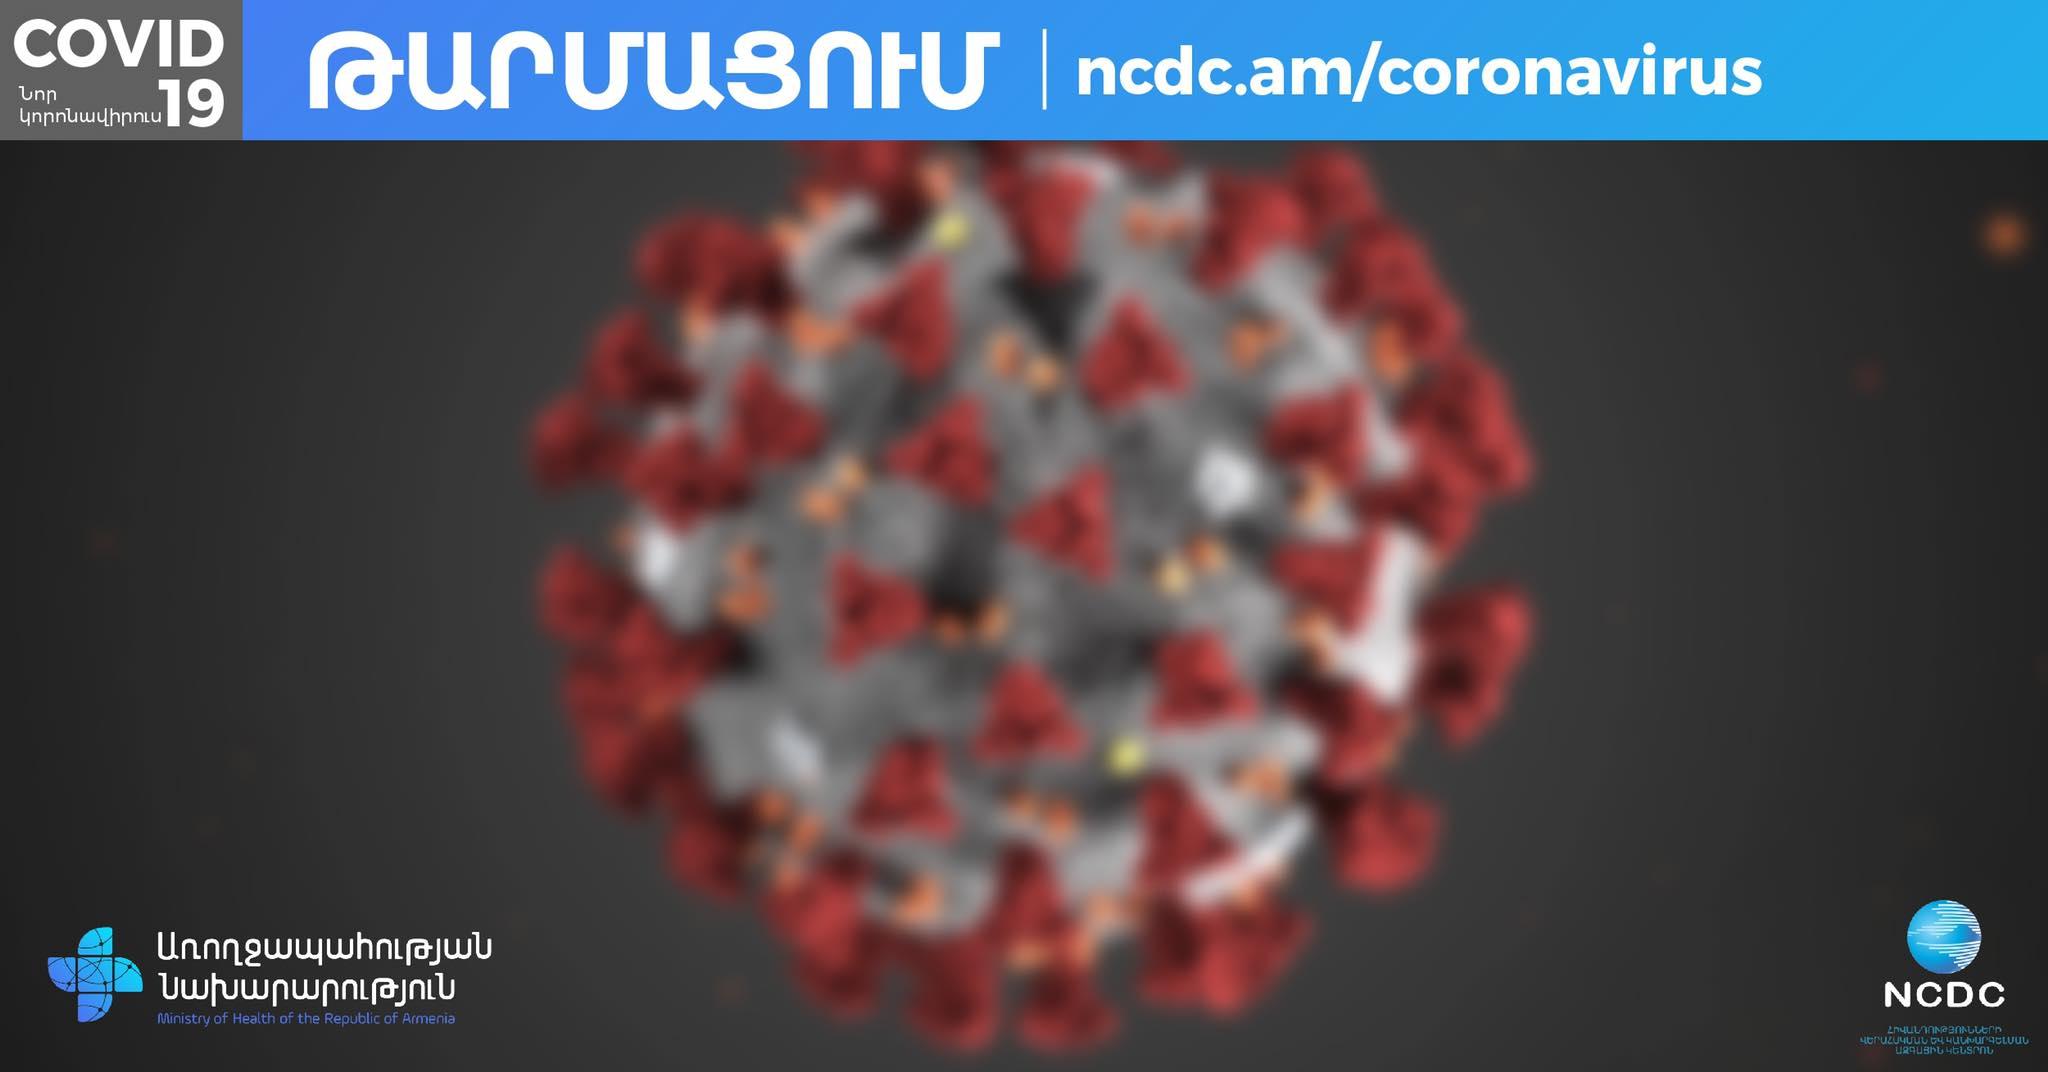 Կորոնավիրուսային հիվանդության իրավիճակը Հայաստանում